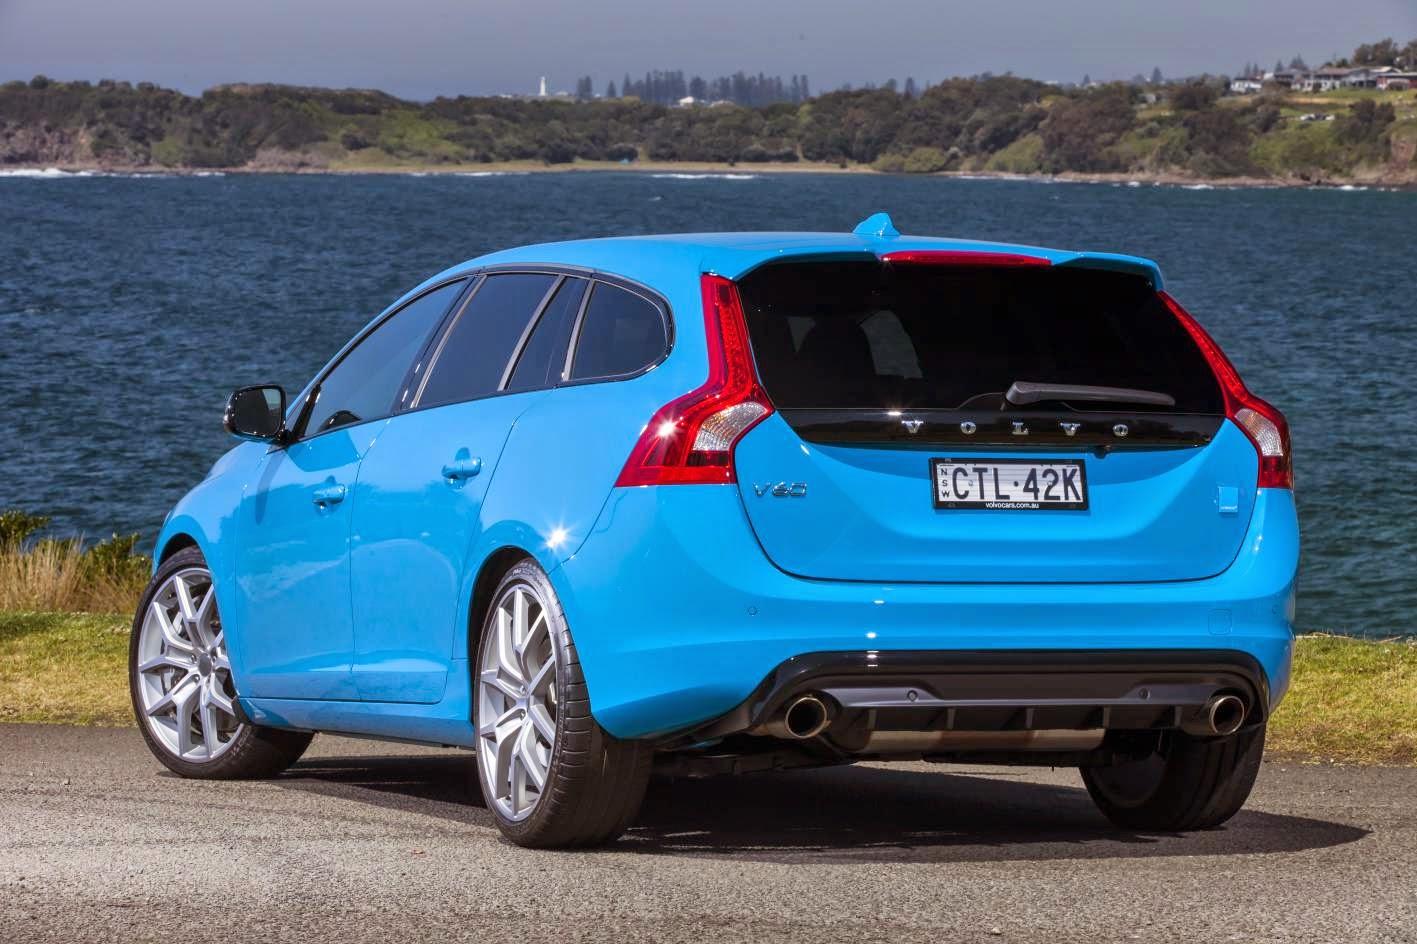 The Volvo V60 Polestar I will have on test